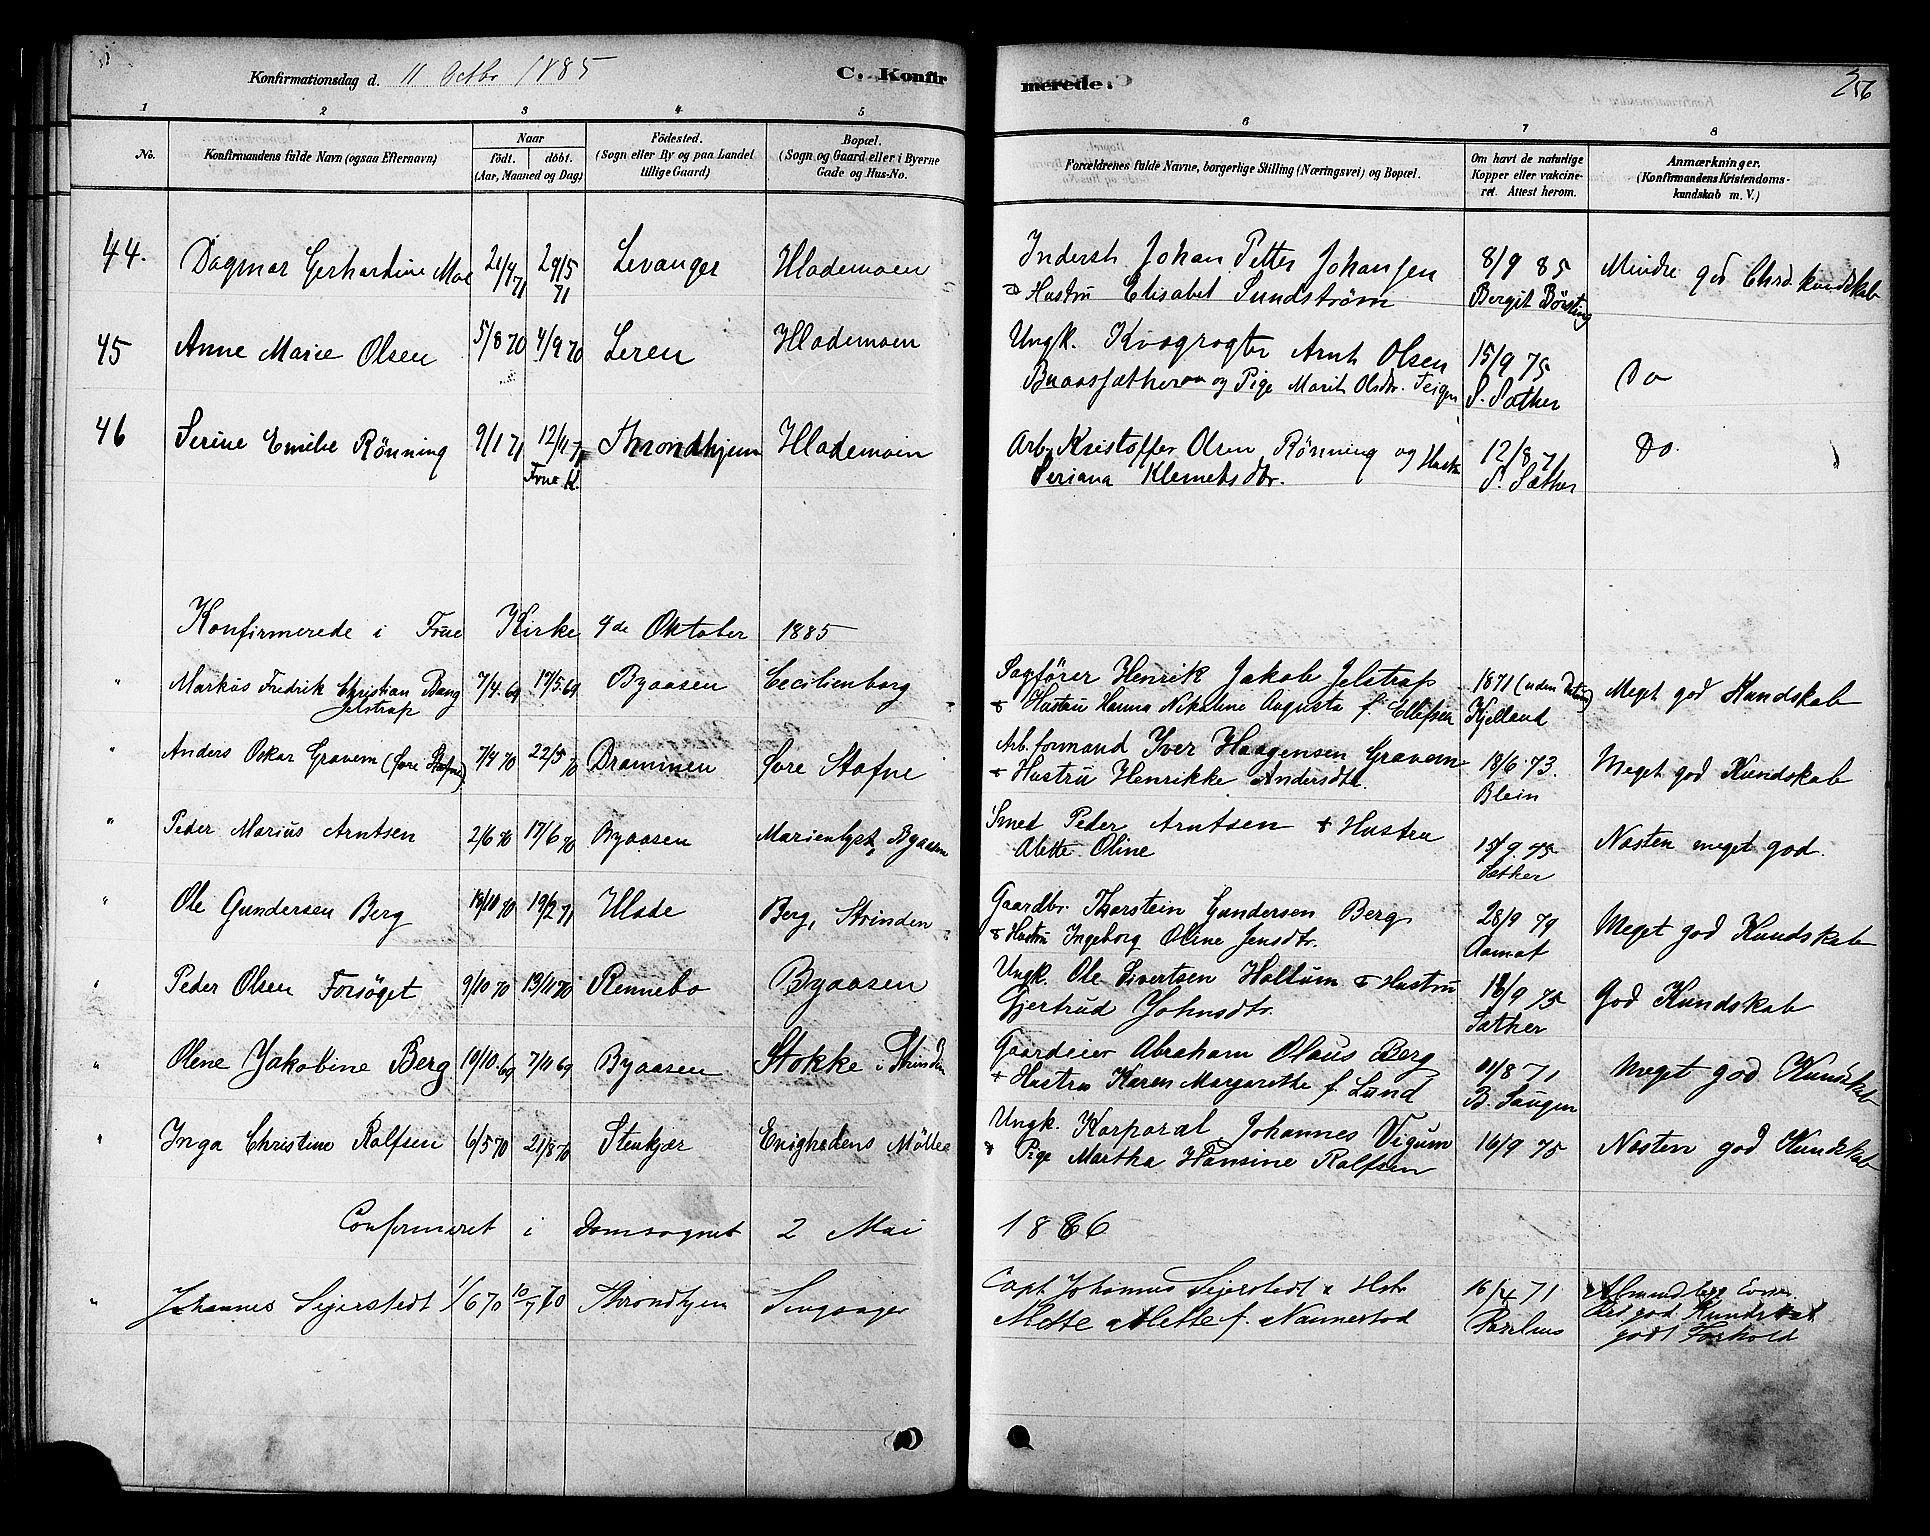 SAT, Ministerialprotokoller, klokkerbøker og fødselsregistre - Sør-Trøndelag, 606/L0294: Ministerialbok nr. 606A09, 1878-1886, s. 256